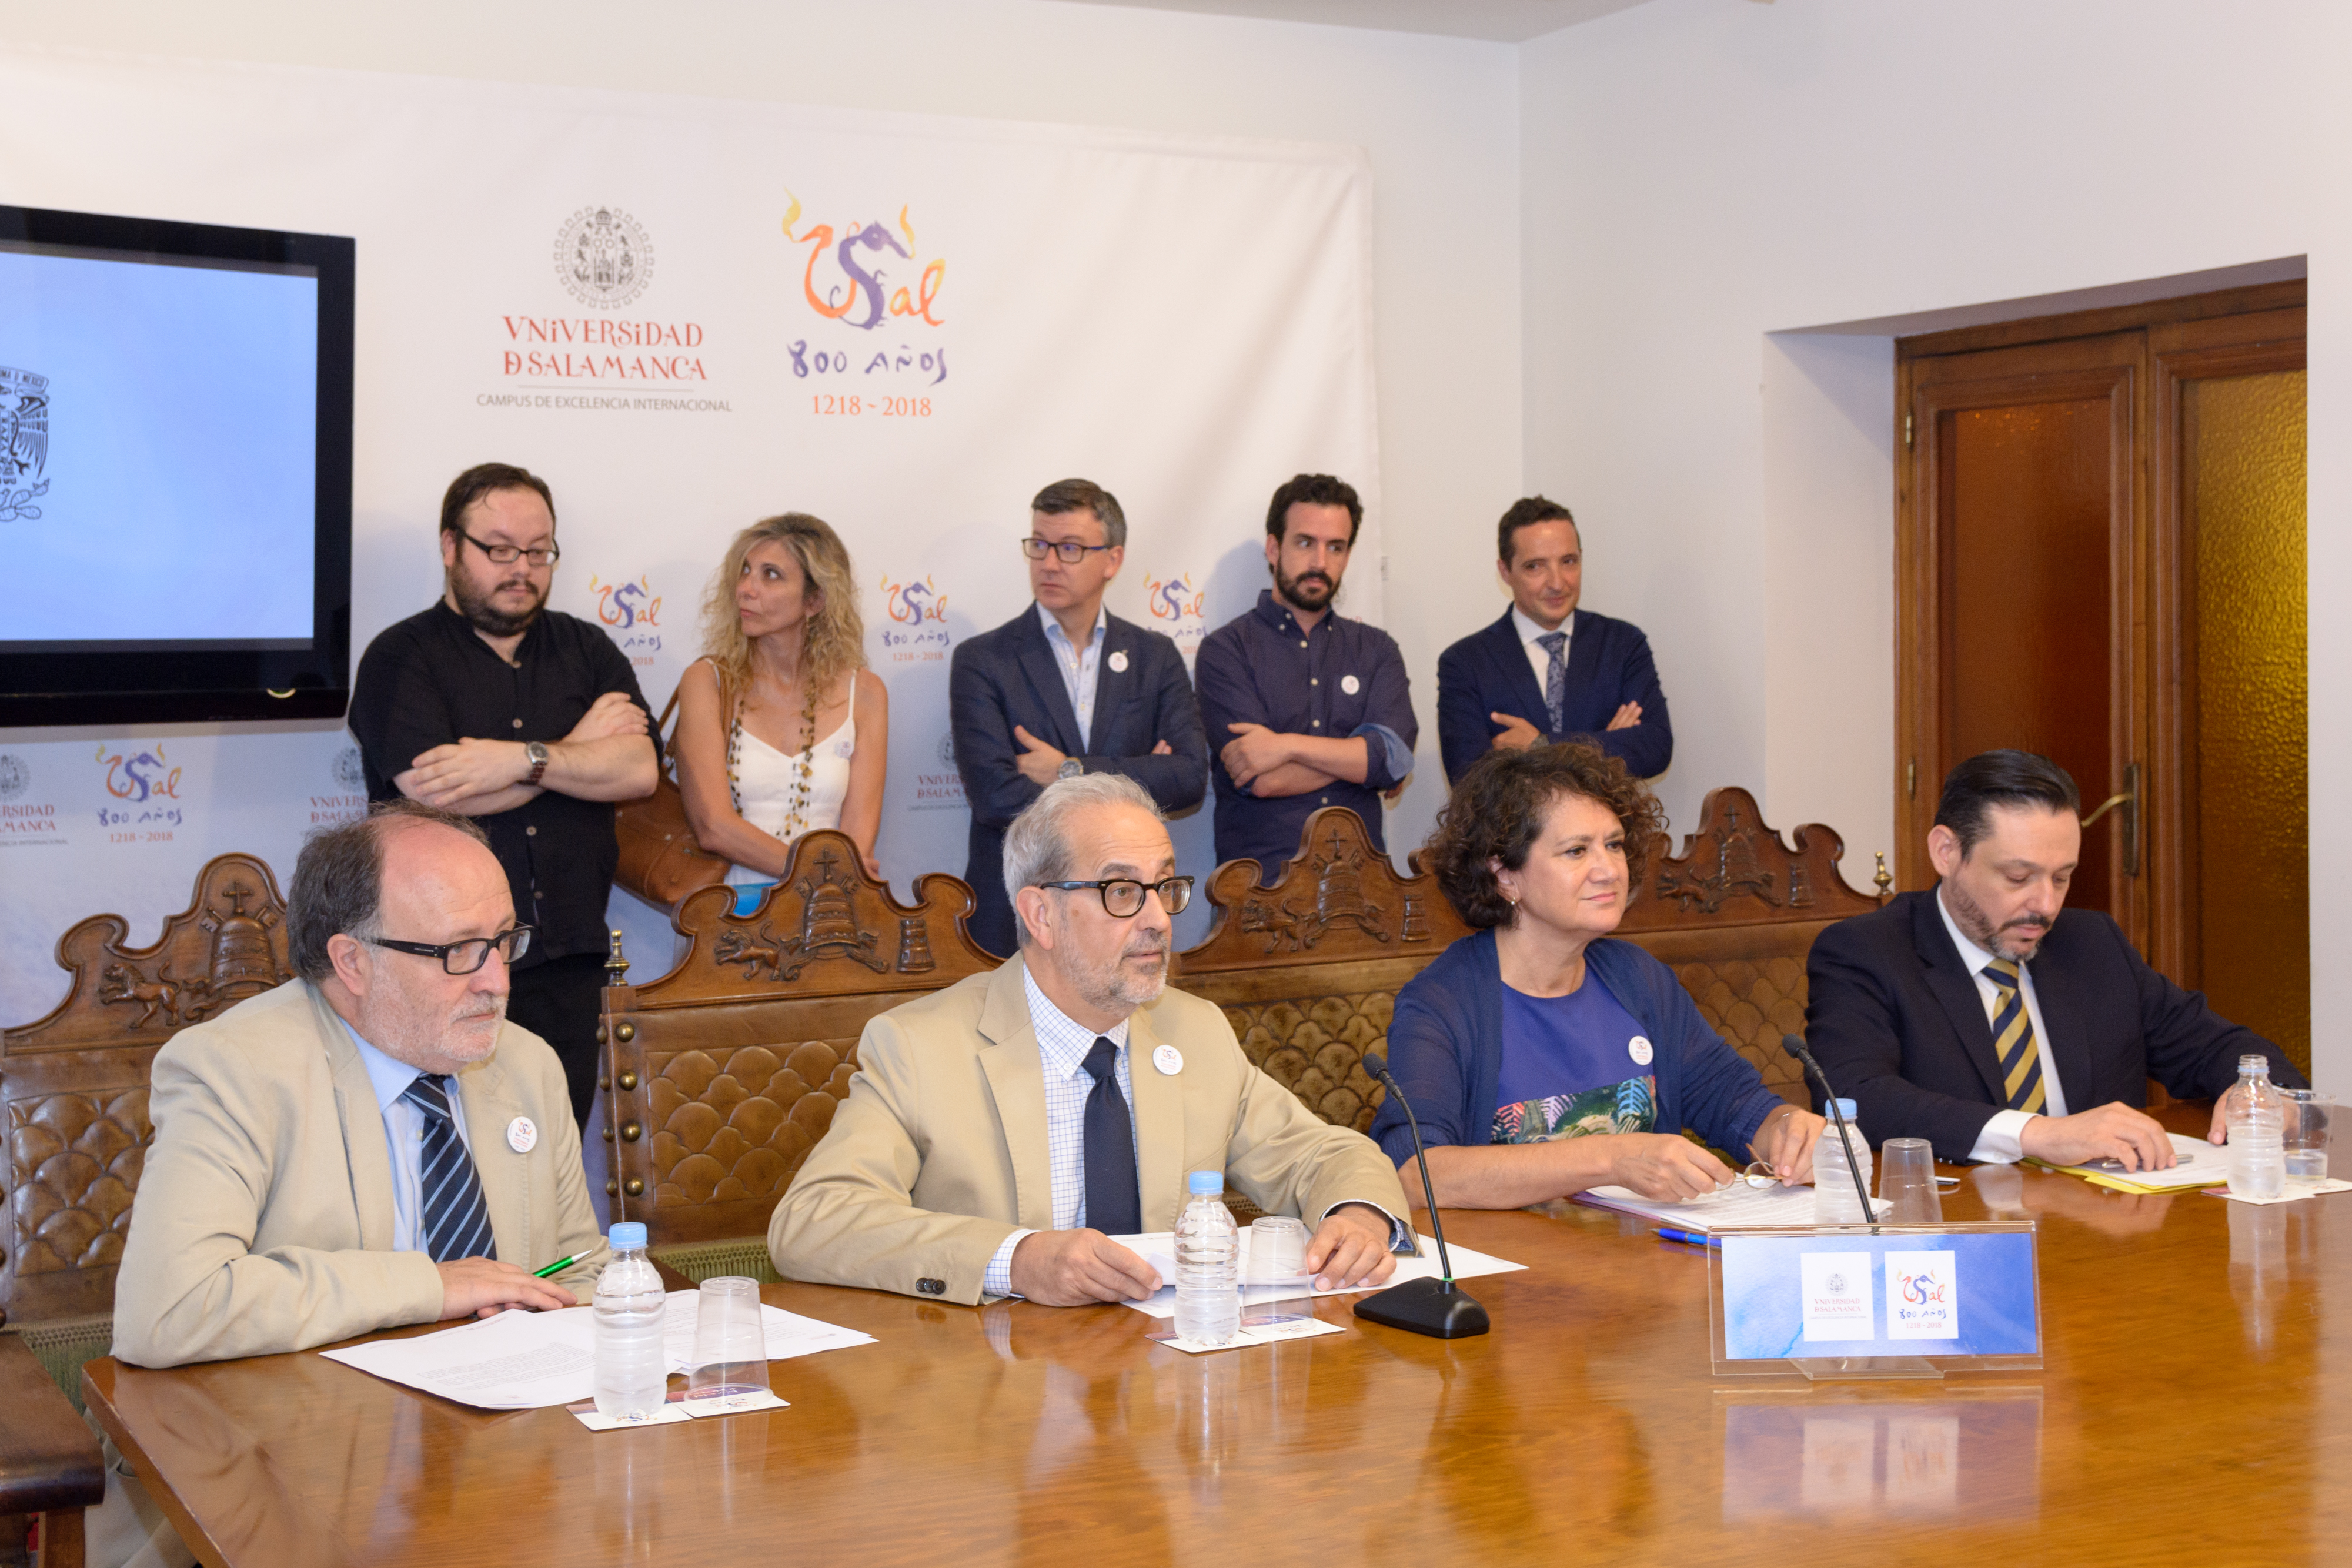 La Universidad de Salamanca presenta un amplio programa de actividades para la I Feria Internacional del Libro Universitario